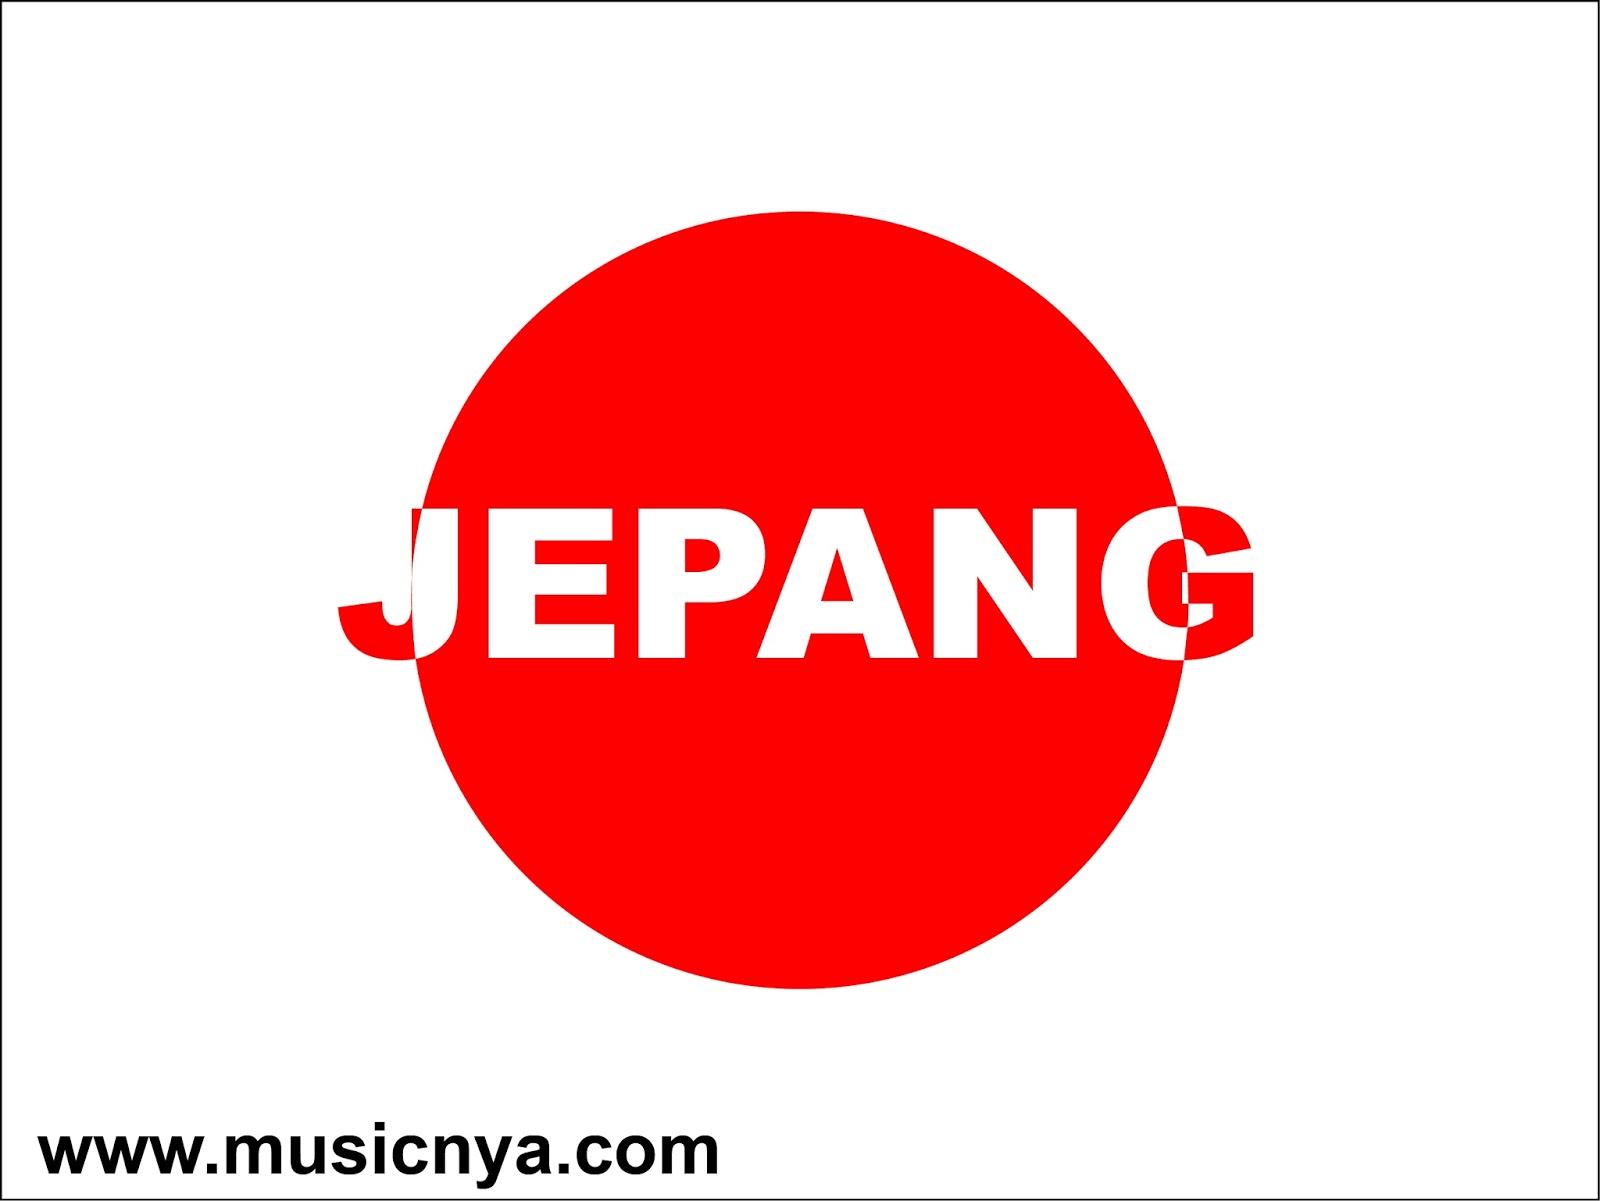 Lirik lagu jepang hoshino gen koi musicnyacom for Koi hoshino gen